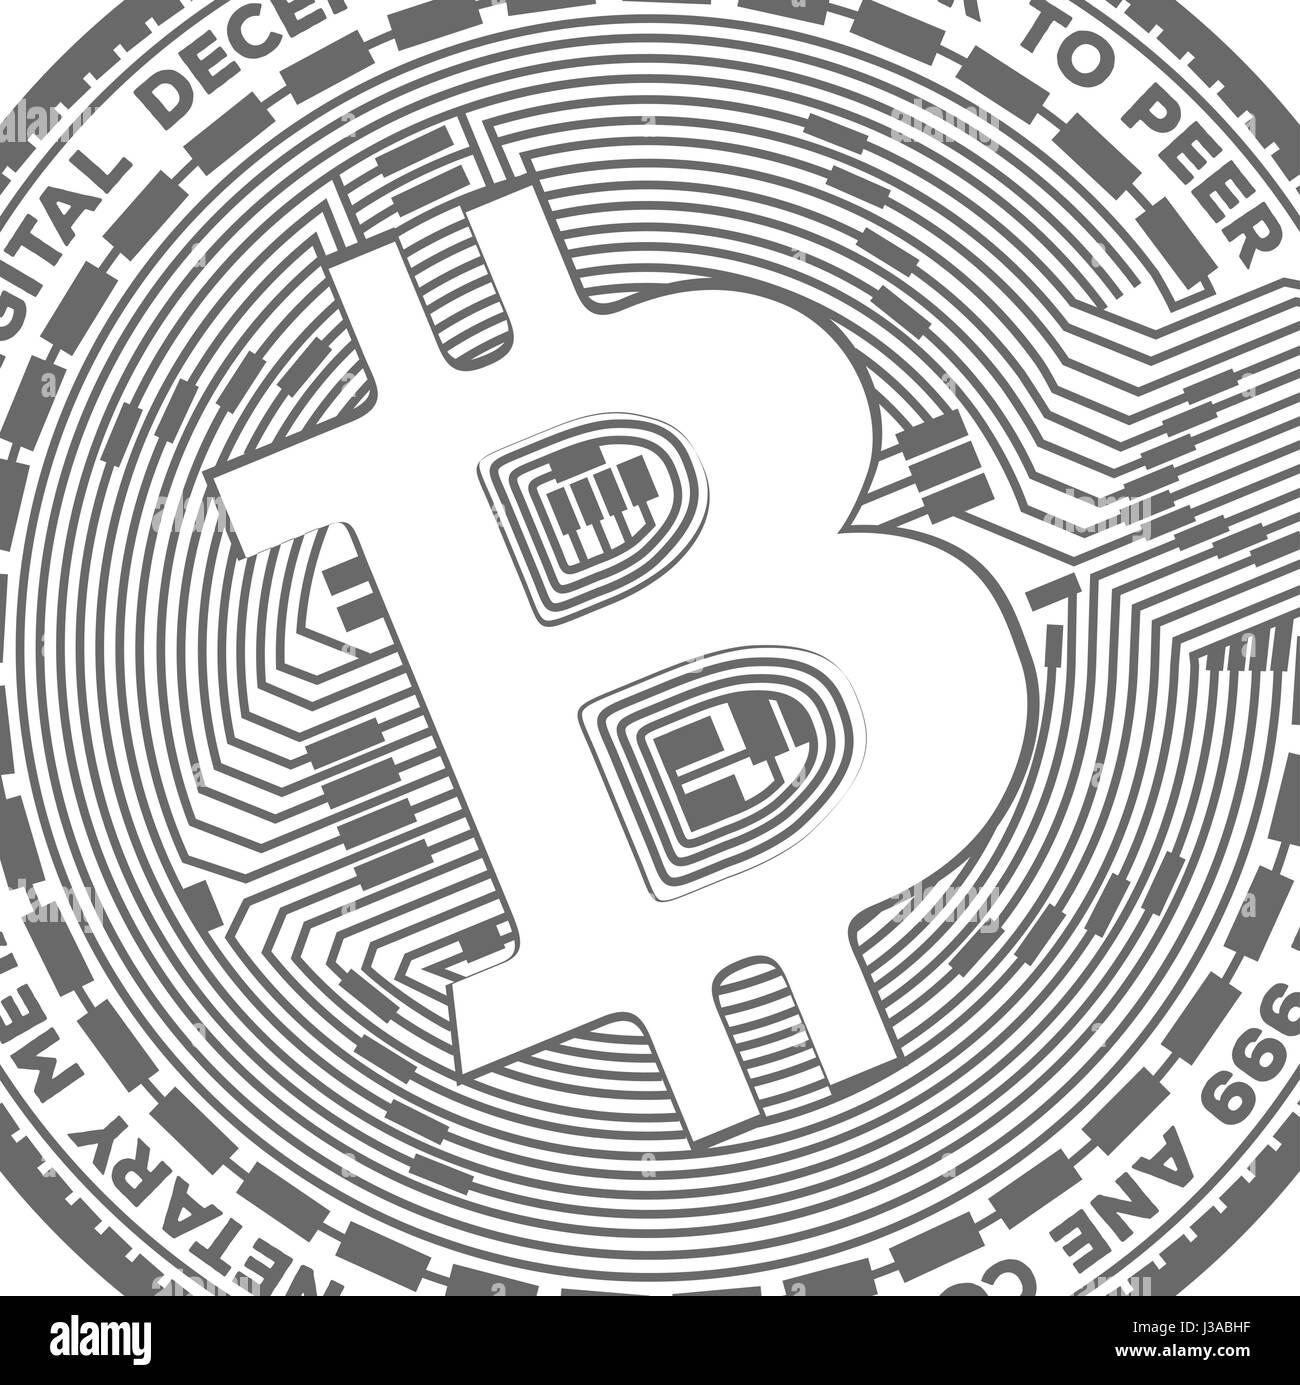 B  Bitcoin crypto coin sy...